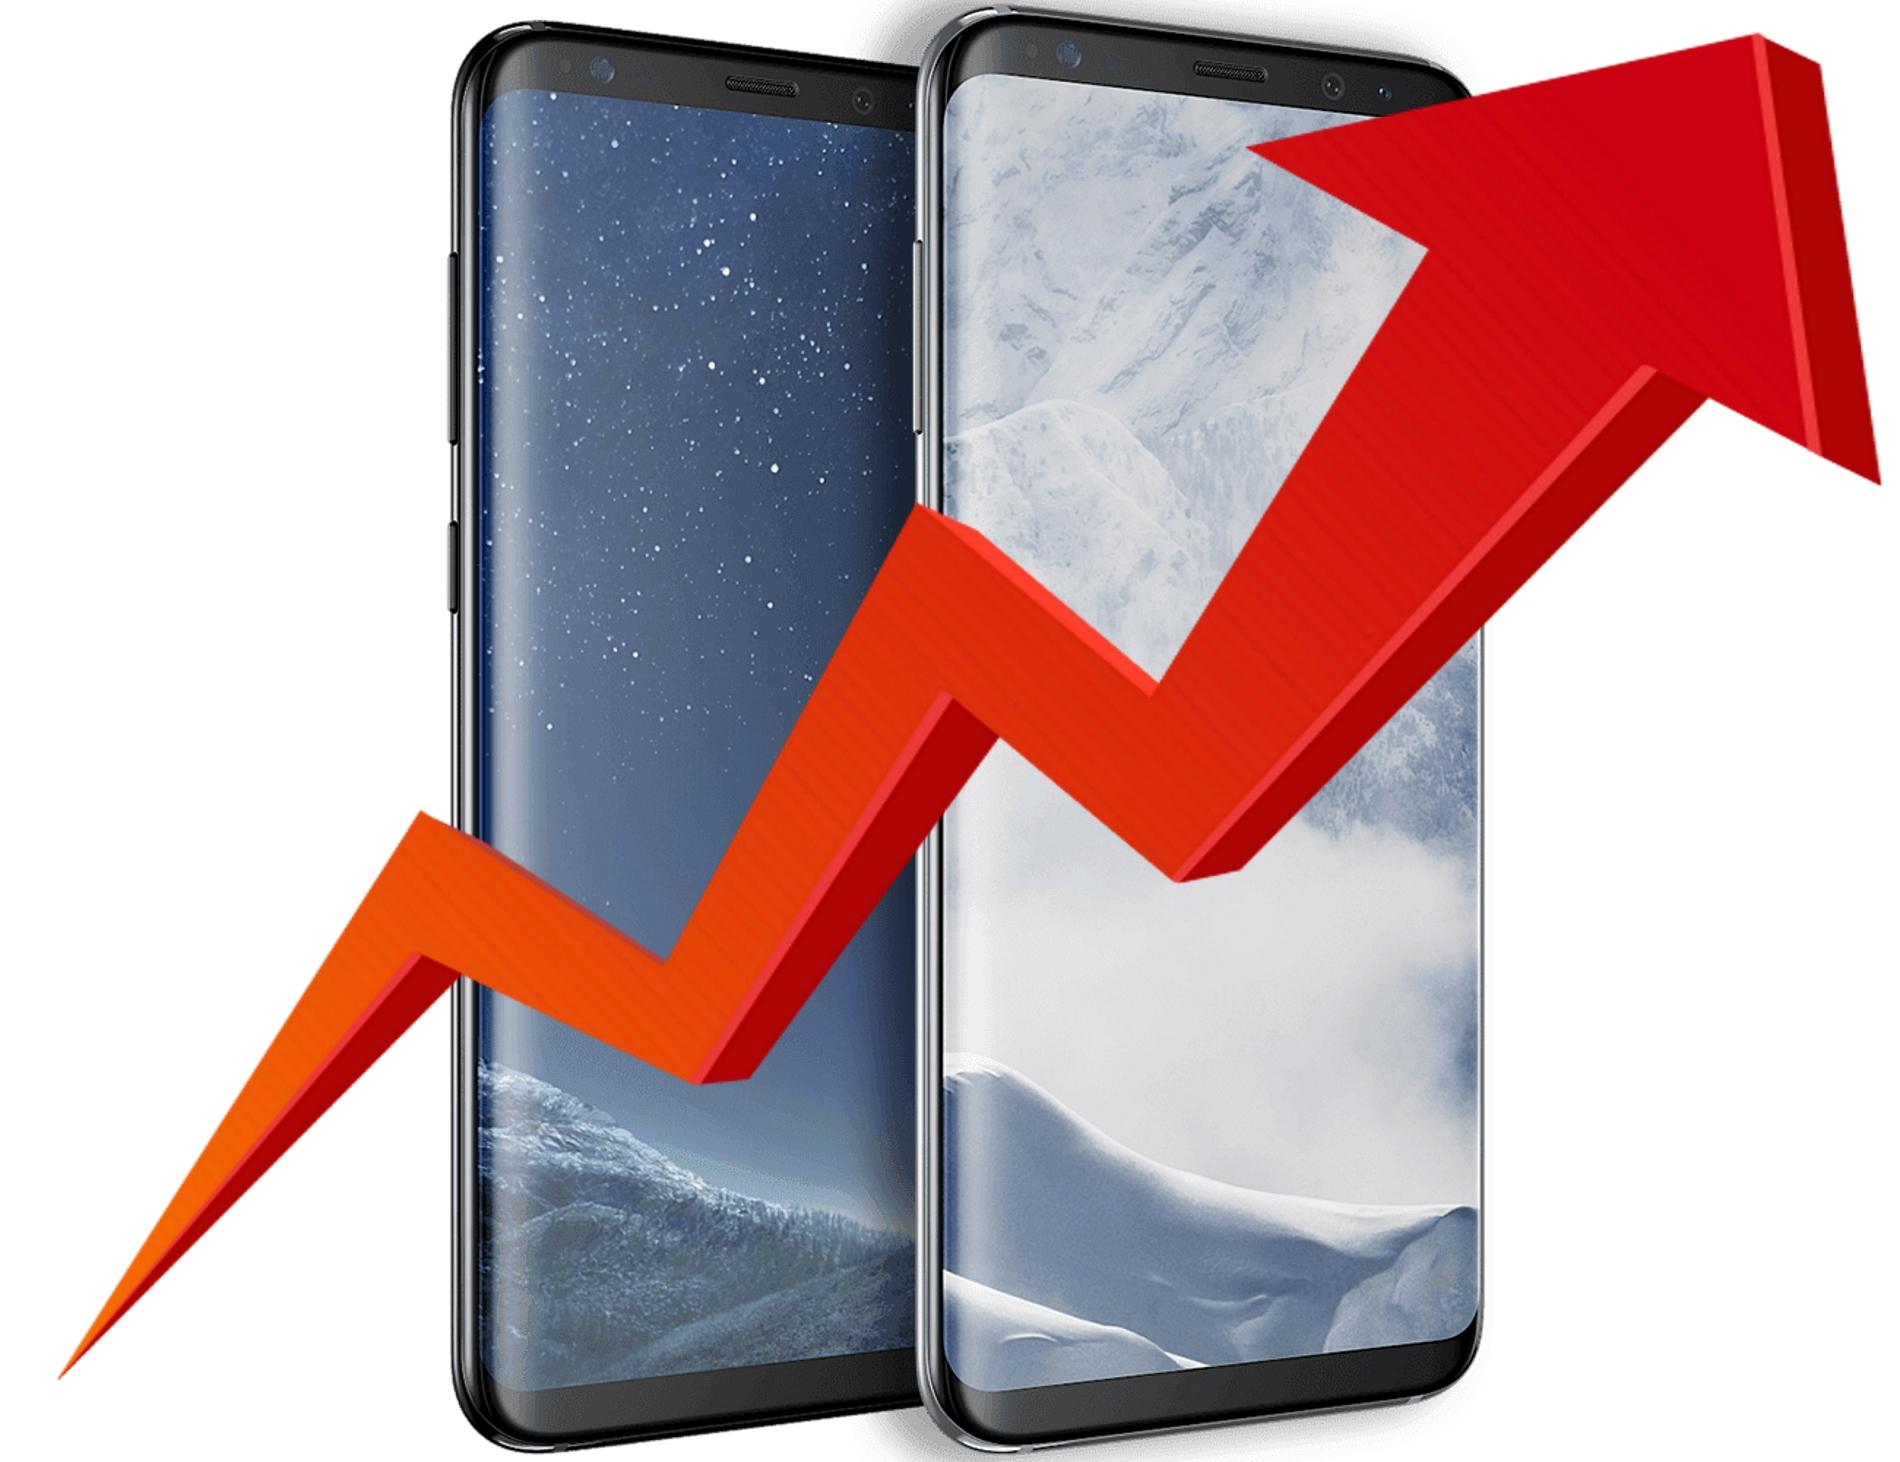 Le Samsung Galaxy S8 explose les records de précommandes en Corée du Sud